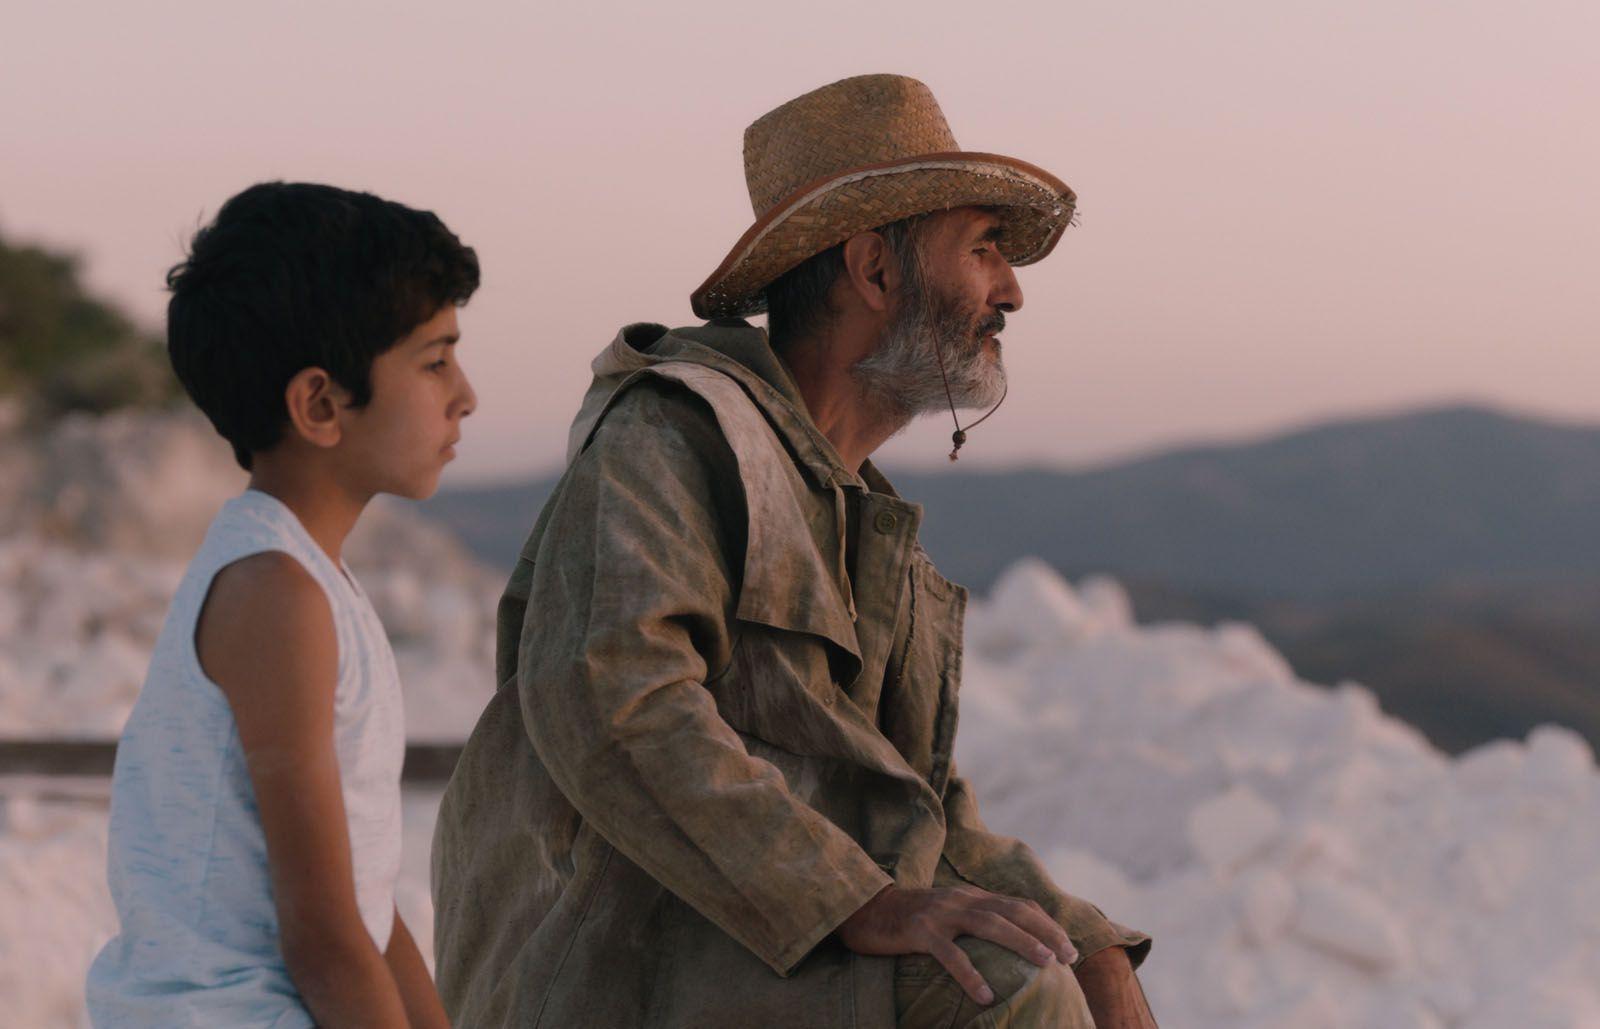 Si le vent tombe (BANDE-ANNONCE) avec Grégoire Colin, Hayk Bakhryan, Arman Navasardyan - Le 20 janvier 2021 au cinéma